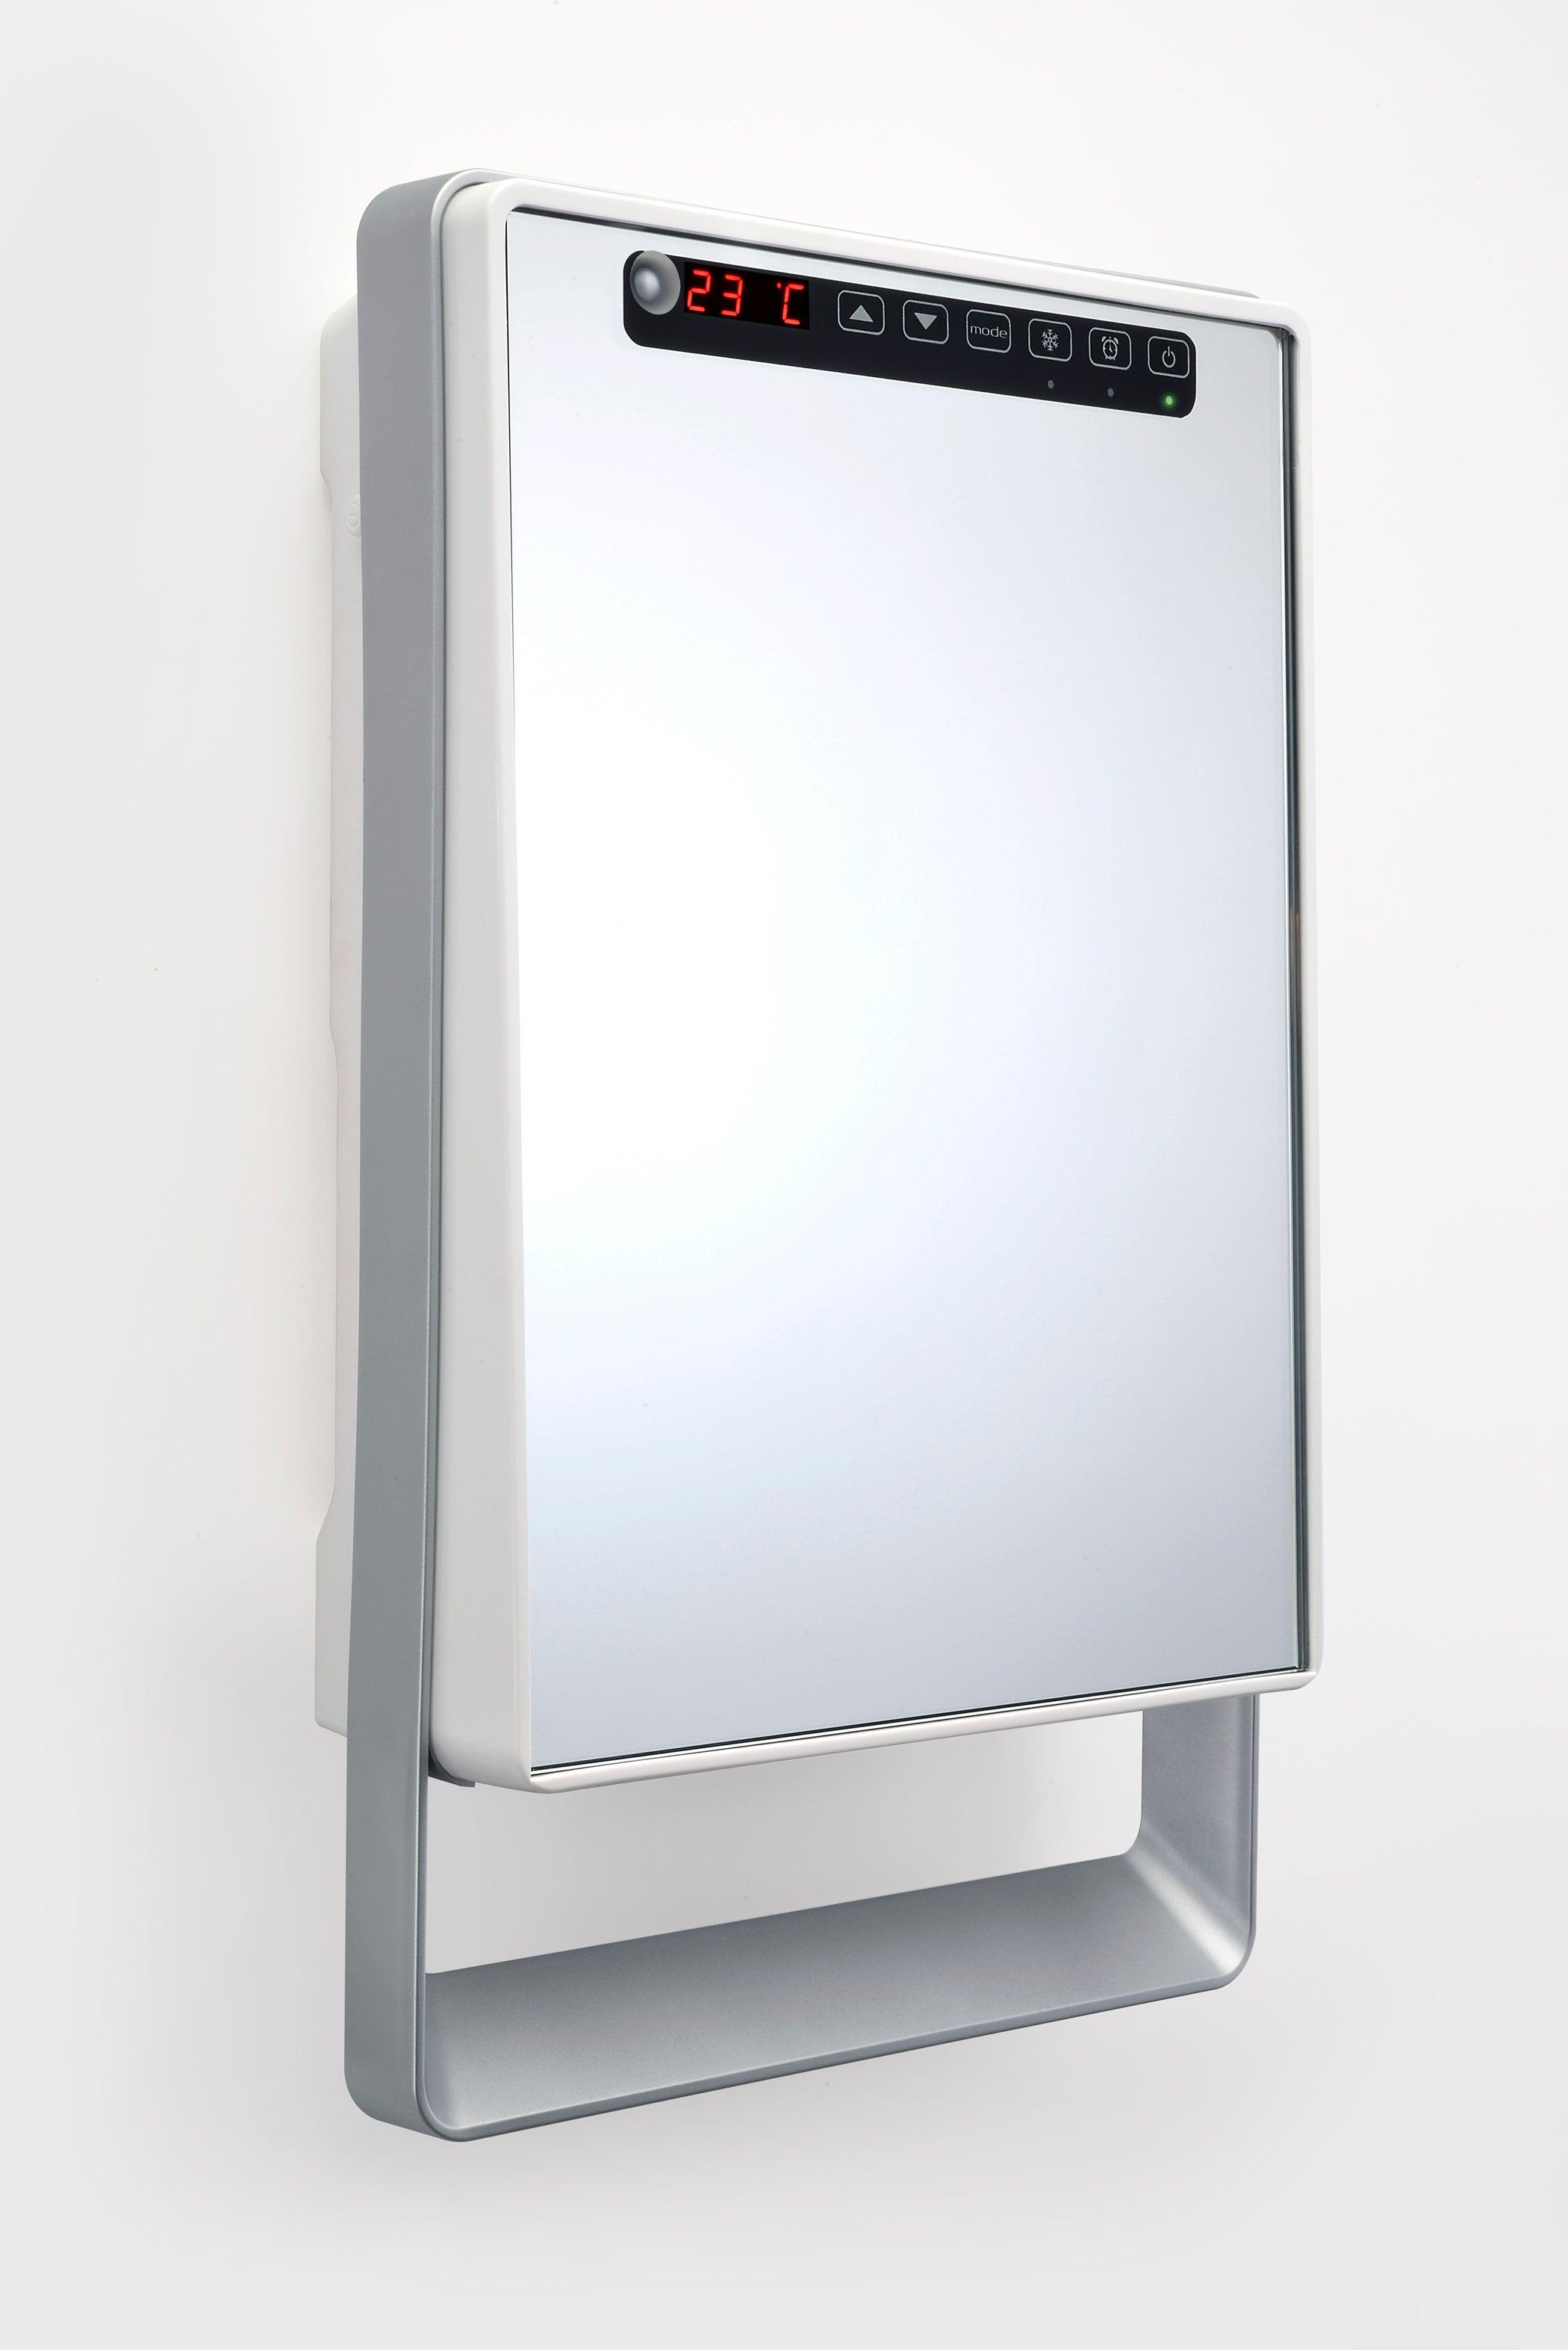 Radiateur soufflant salle de bain fixe électrique AURORA Touch miroir 16 W